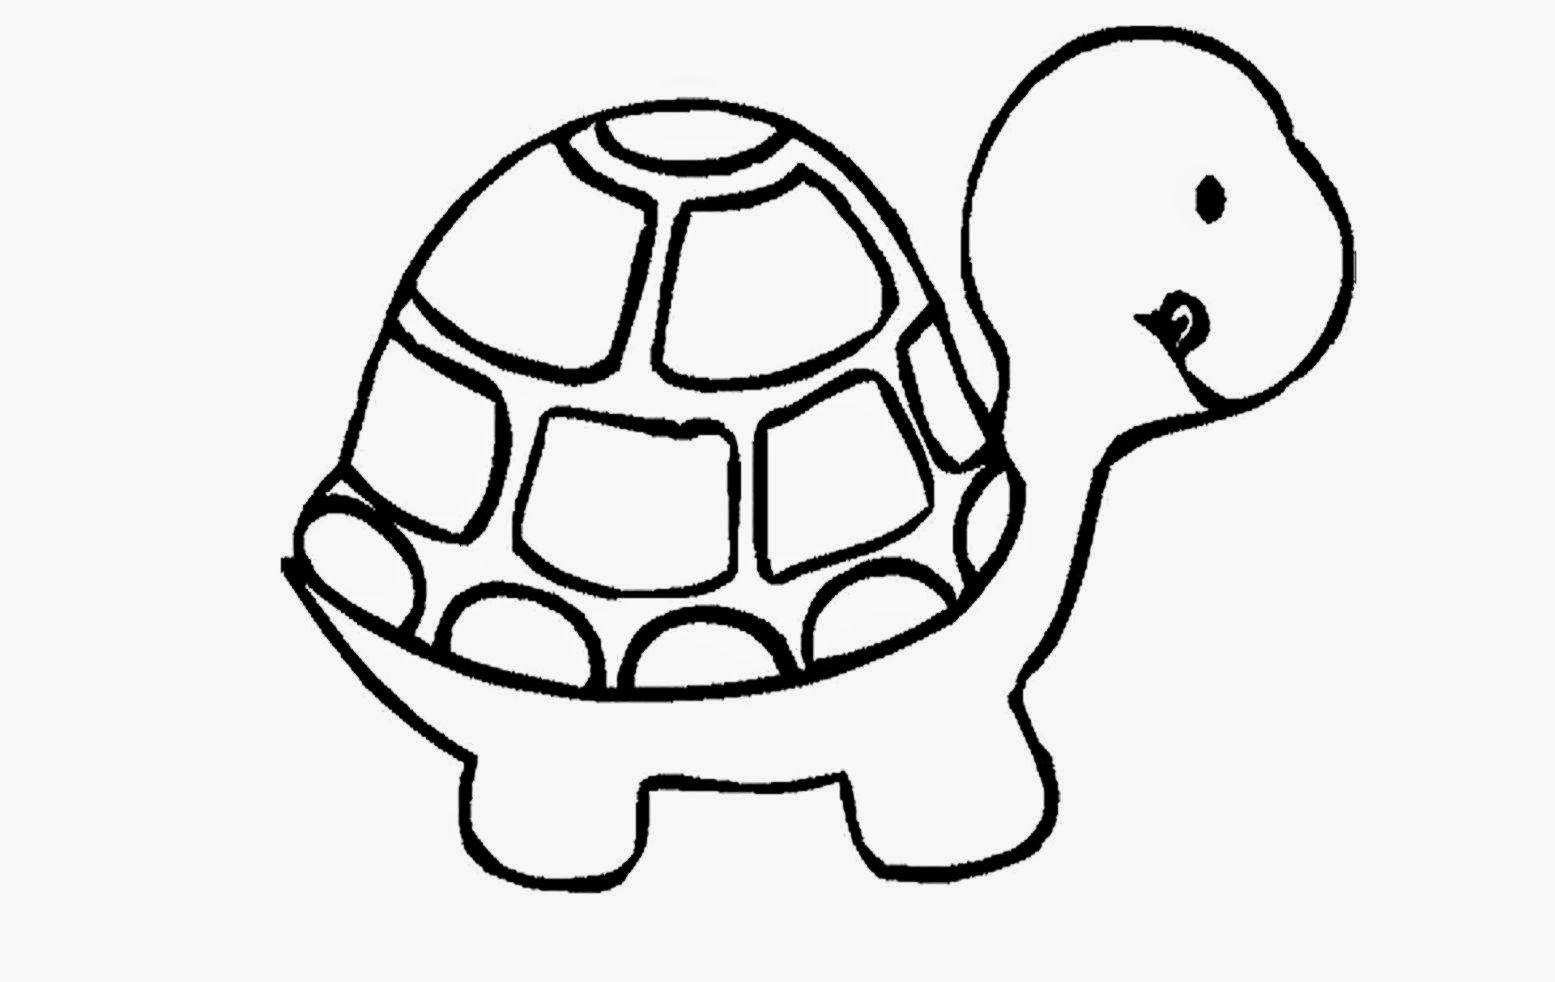 Free coloring pages of ninja turtles - Turtles Coloring Page Coloring Home